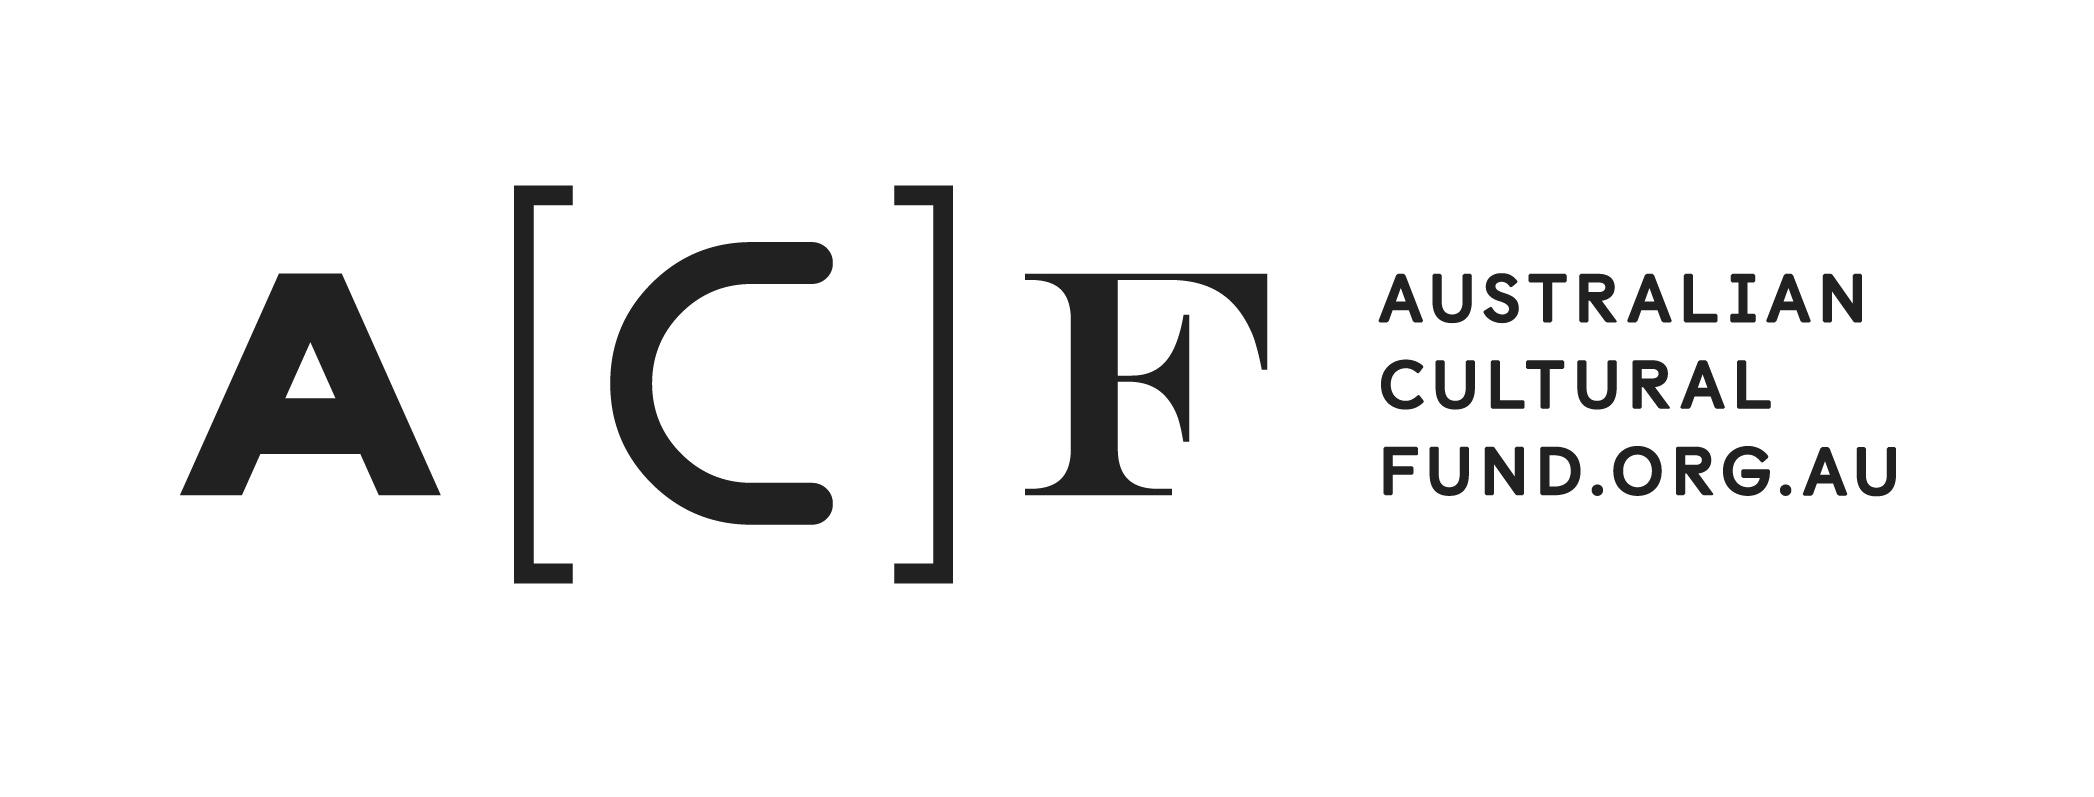 ACF_TypeD_url_horizontal.jpg